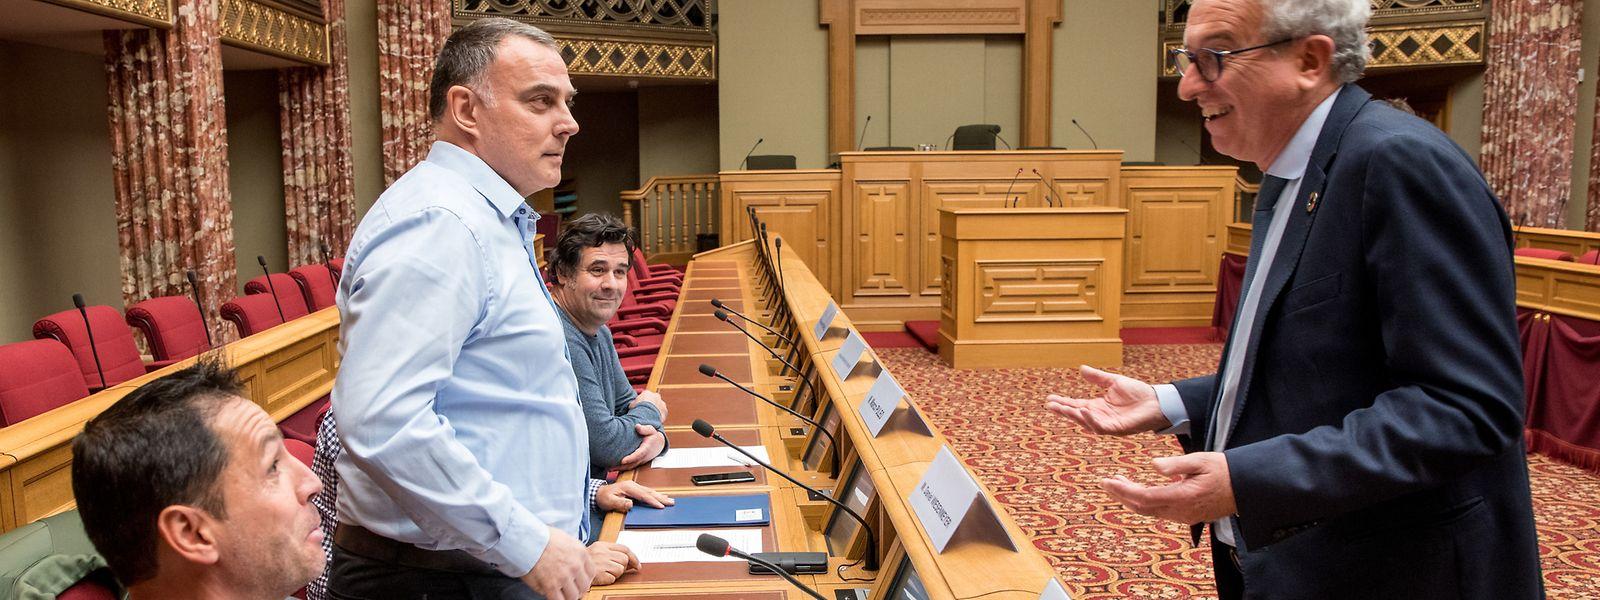 Si le ministre Gramega (à droite) reconnaît le bien-fondé de la pétition pour l'équité fiscale des célibataires, il s'oppose à un changement de classe.